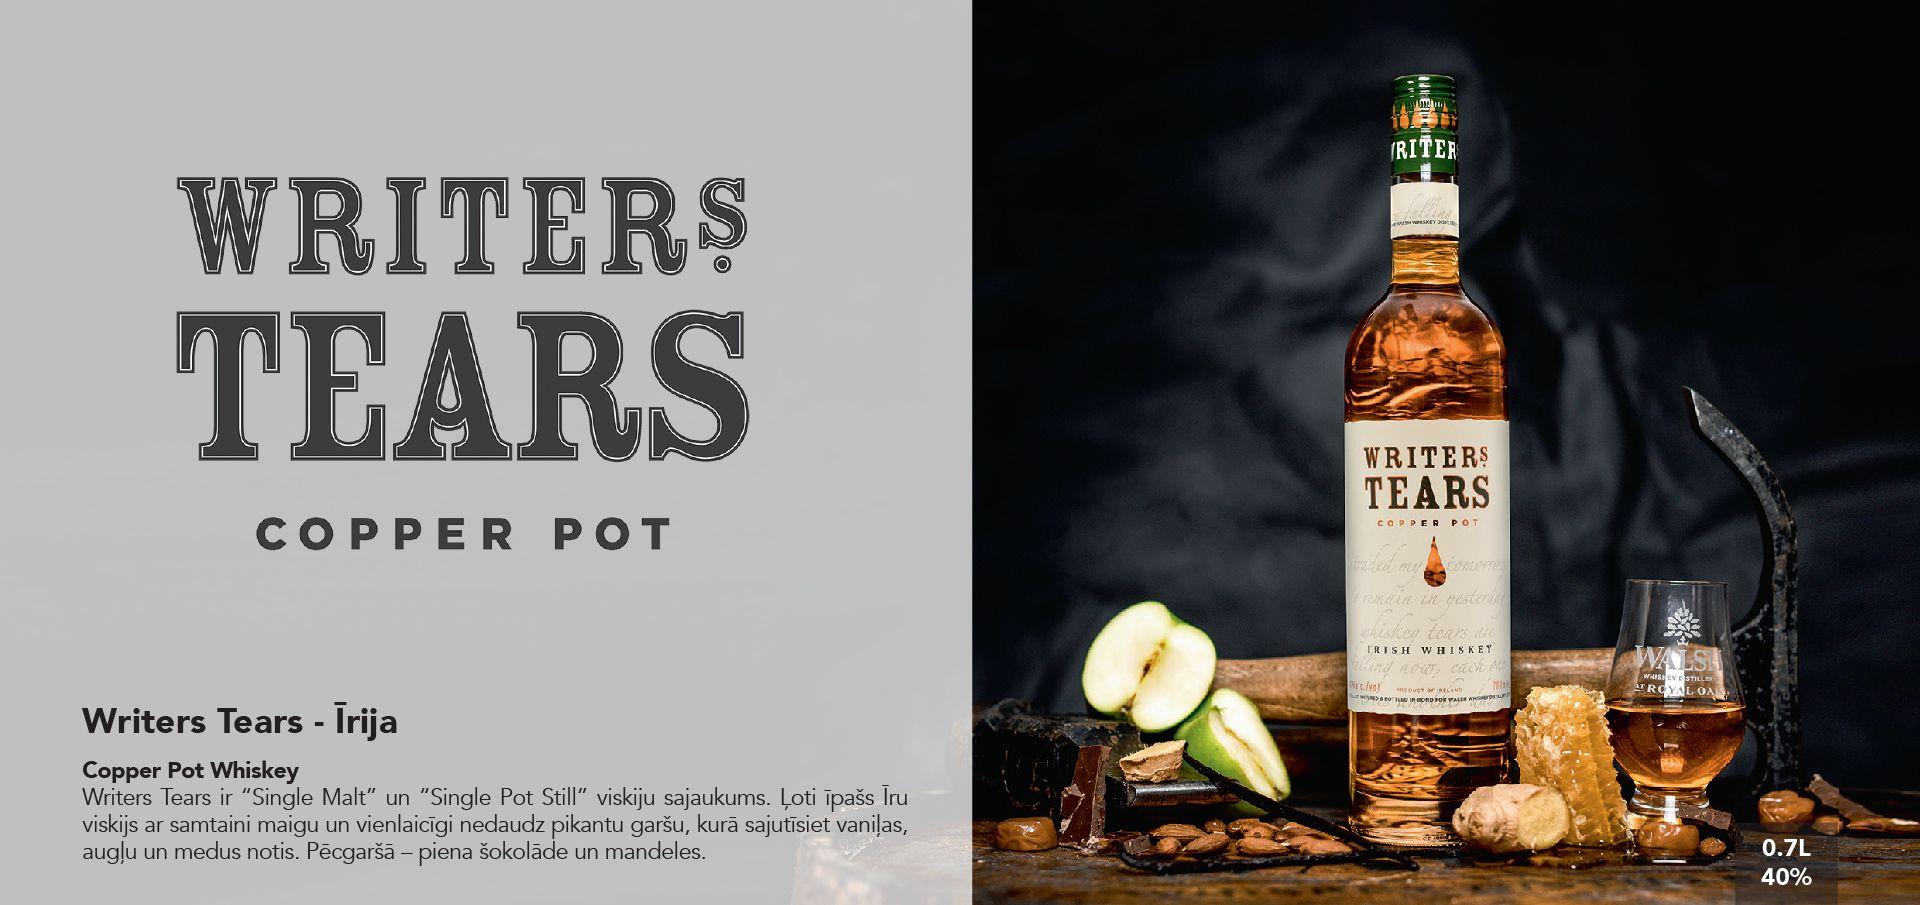 Writers Tears Whiskey - Īrija